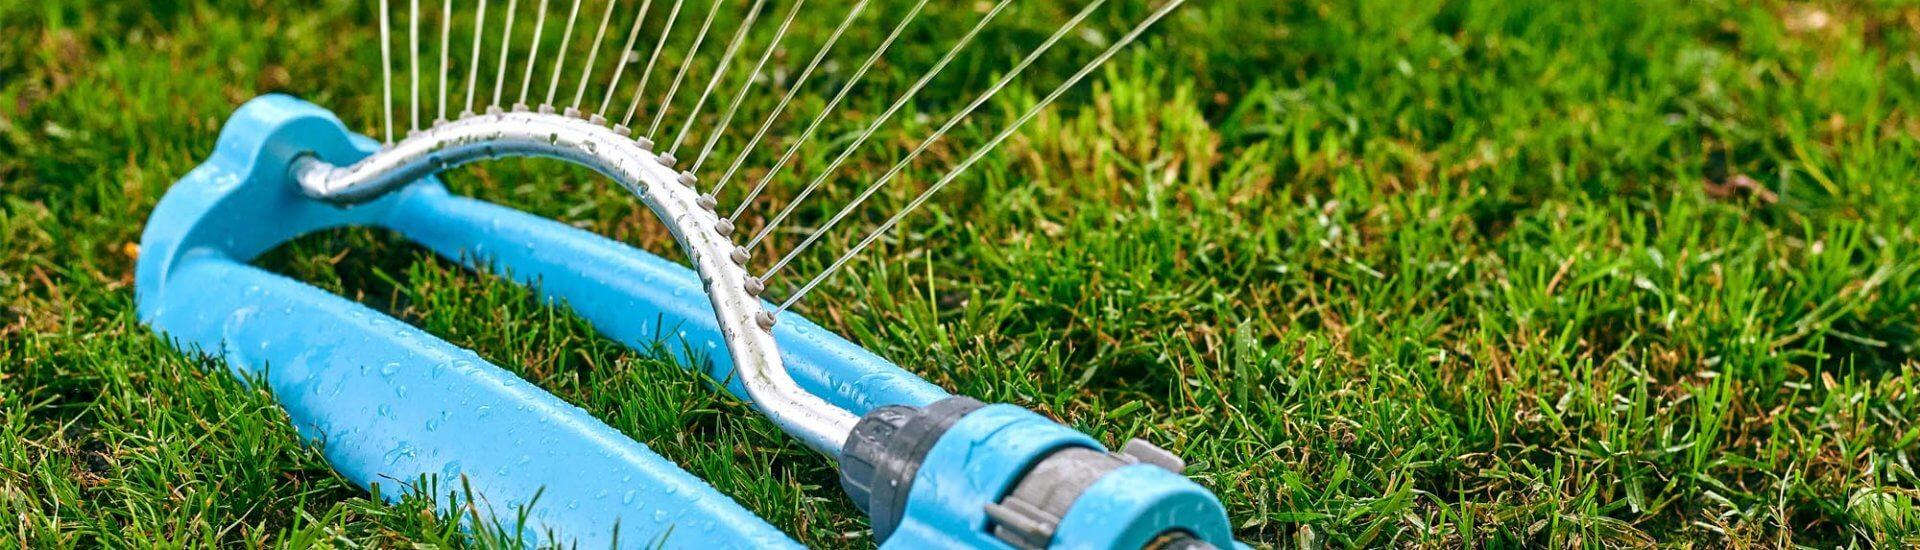 Gardena Bewässerungscomputer Test - Die 3 besten Modelle im Vergleich